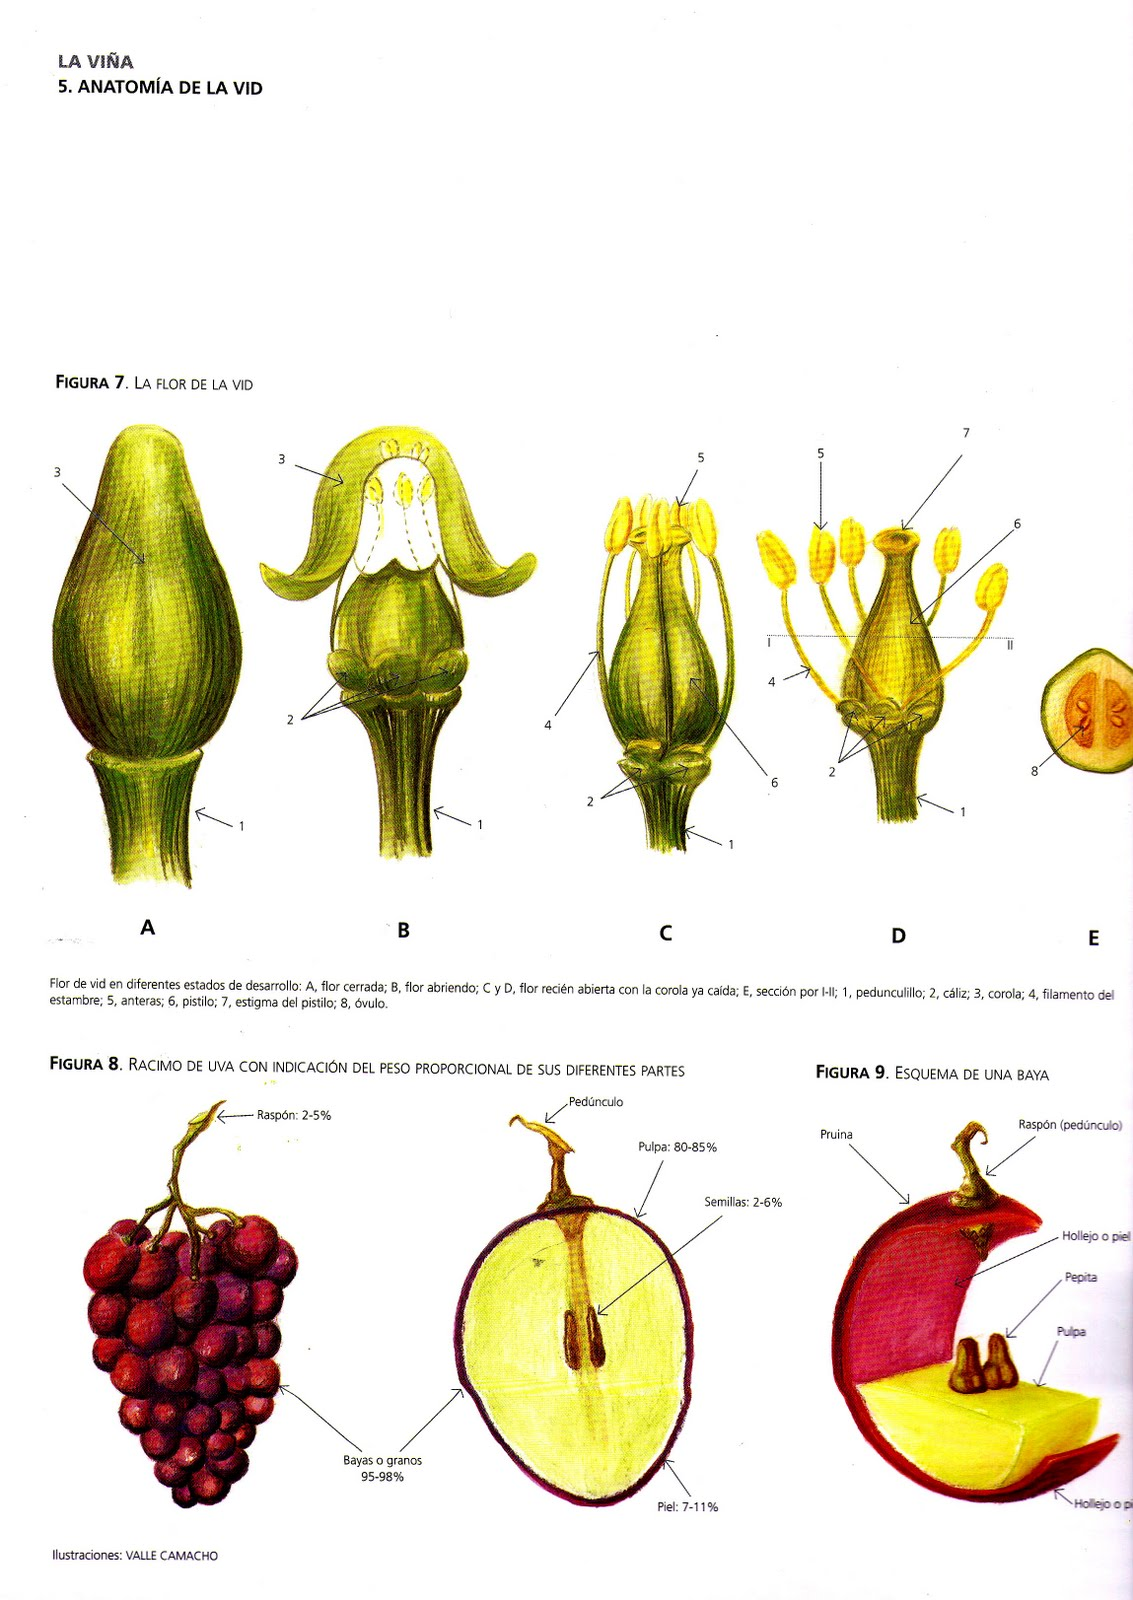 Asombroso Anatomía De Una Vid De Uva Galería - Anatomía de Las ...